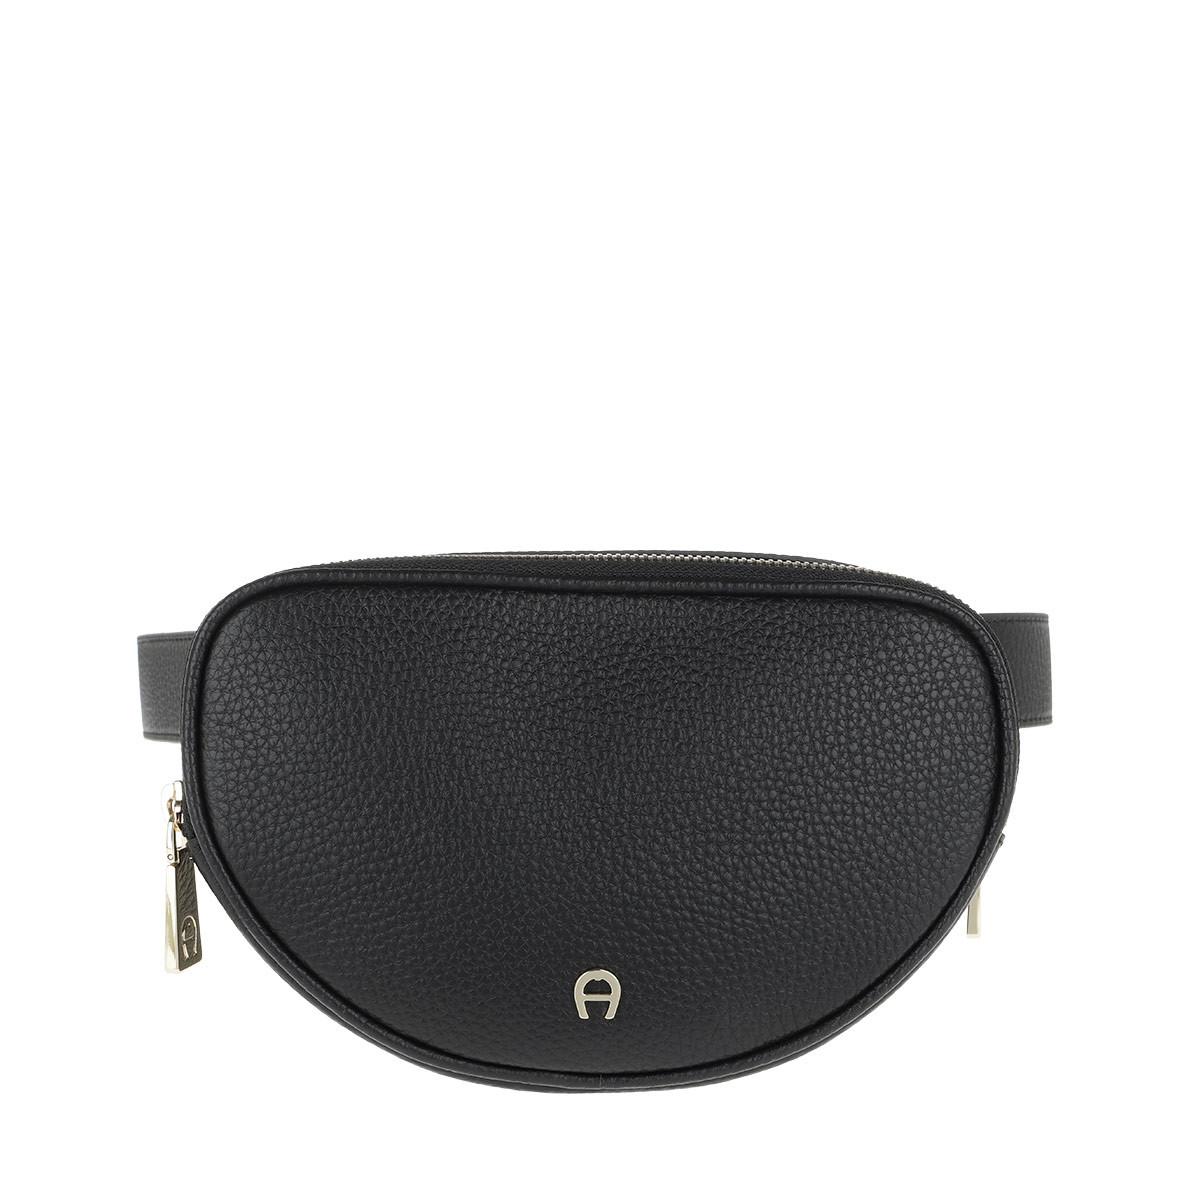 Aigner Gürteltasche - Ivy Beltbag Black - in schwarz - für Damen